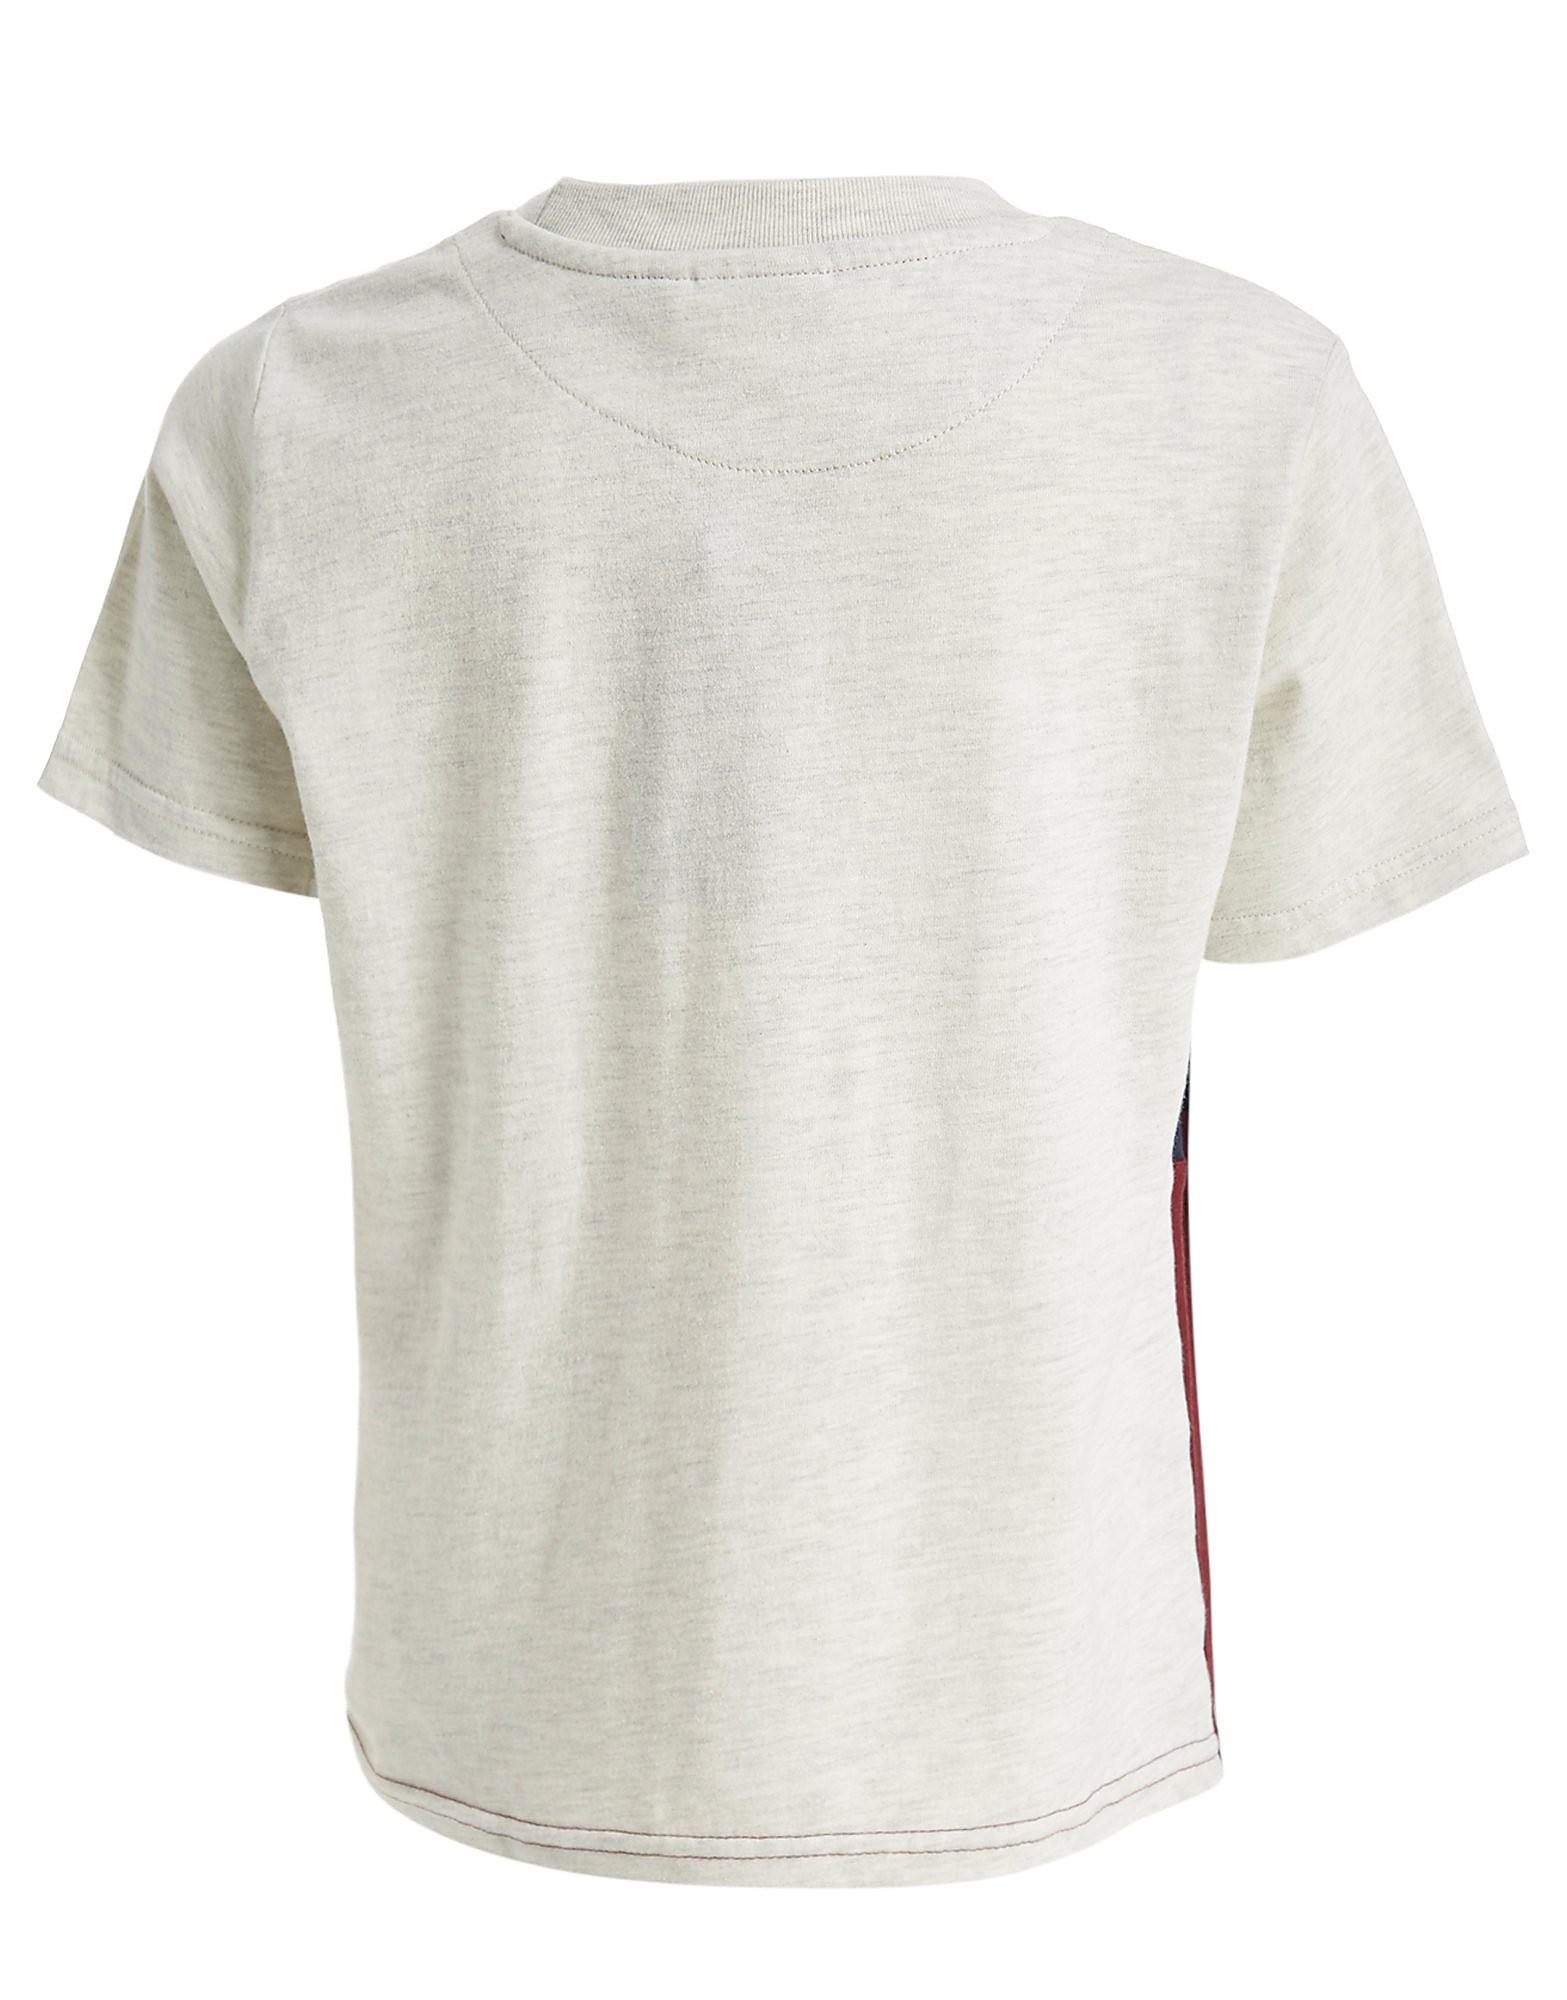 McKenzie Howland T-Shirt Children